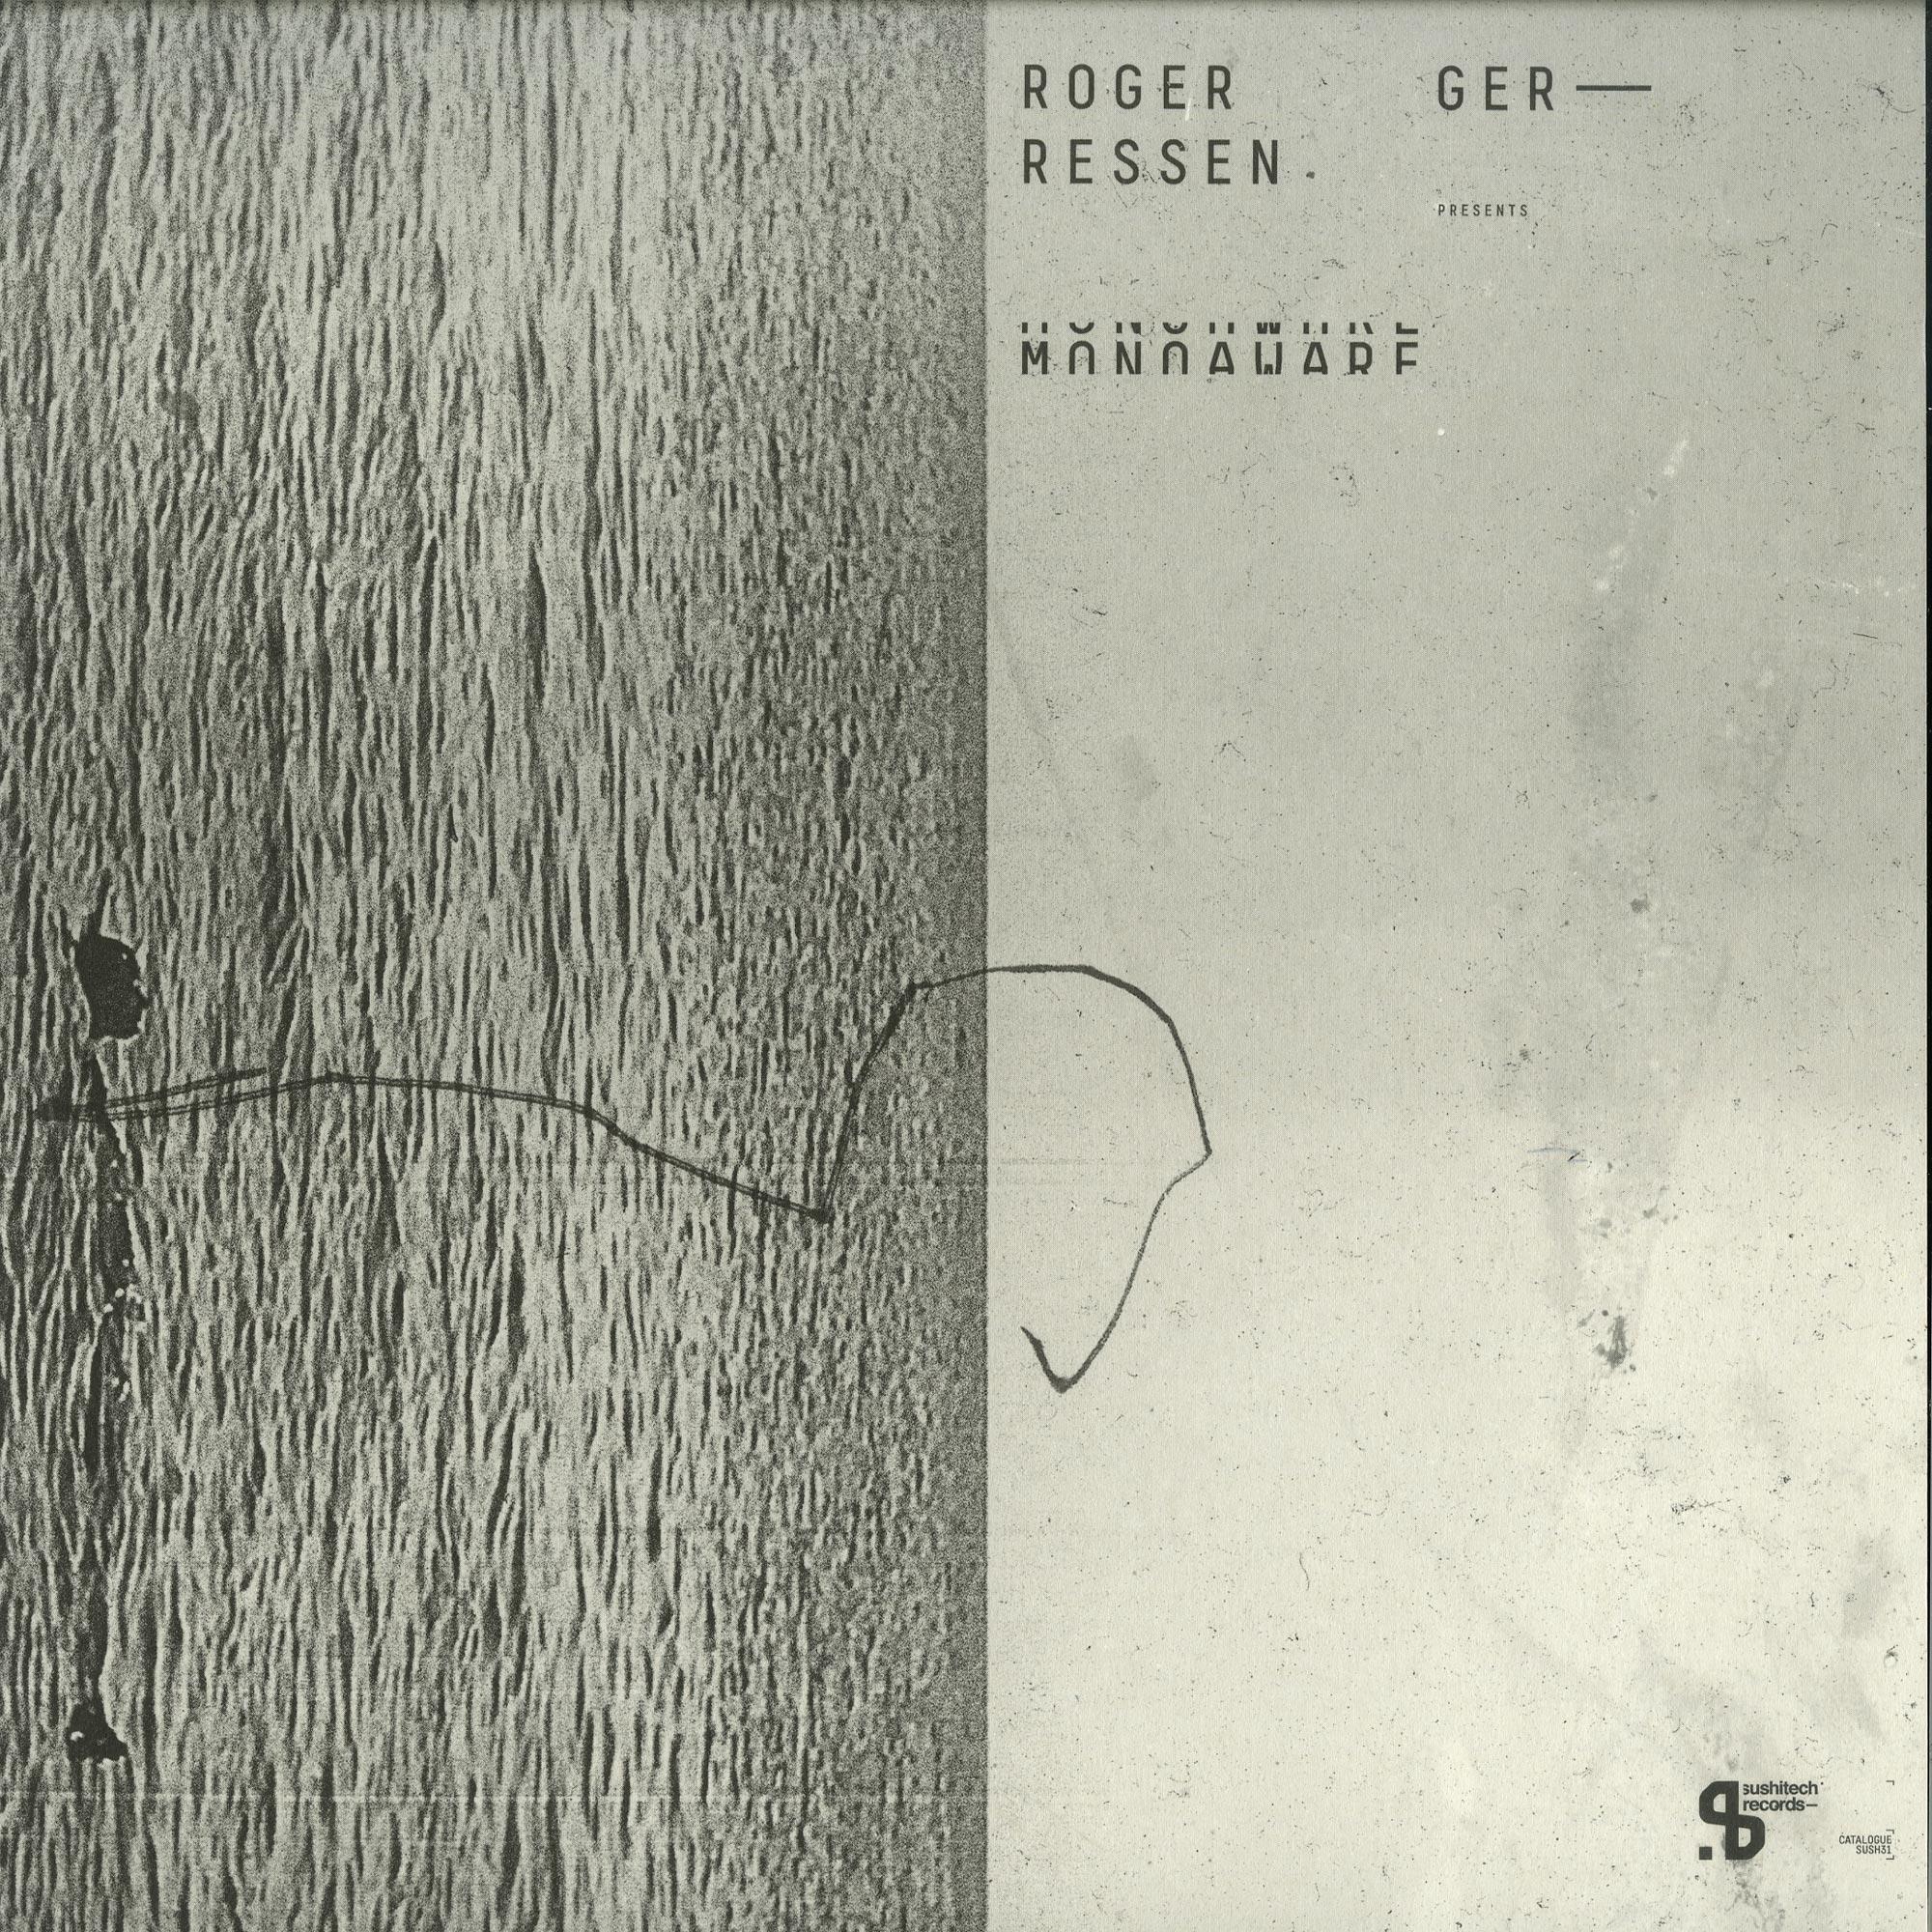 Roger Gerressen presents - MONOAWARE